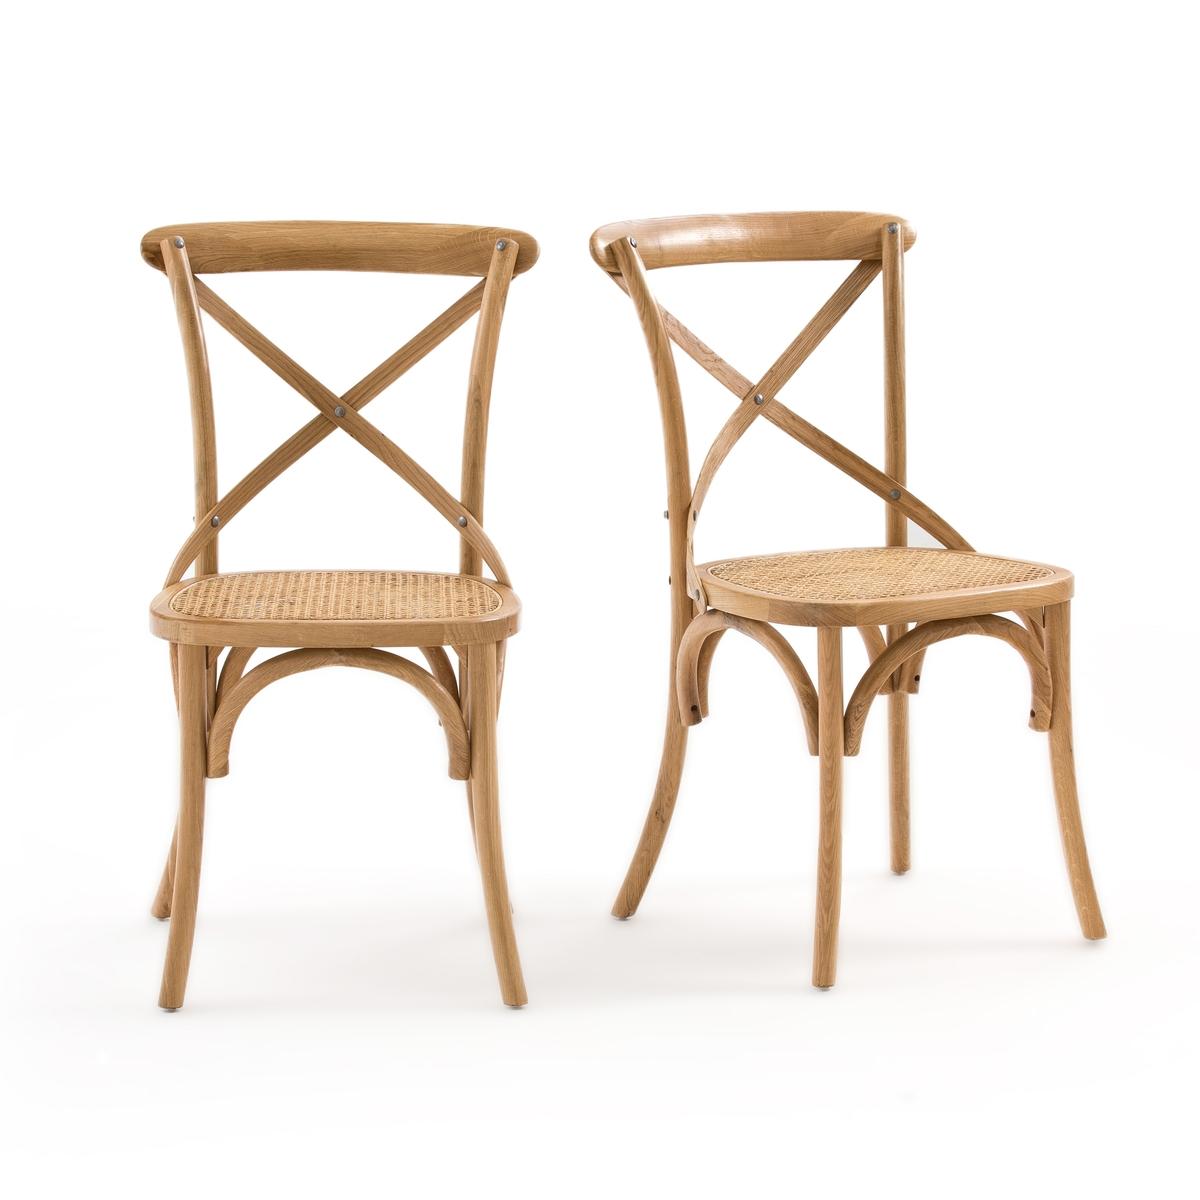 купить Комплект из стульев из La Redoute Дуба и плетения Cedak единый размер каштановый по цене 30949 рублей